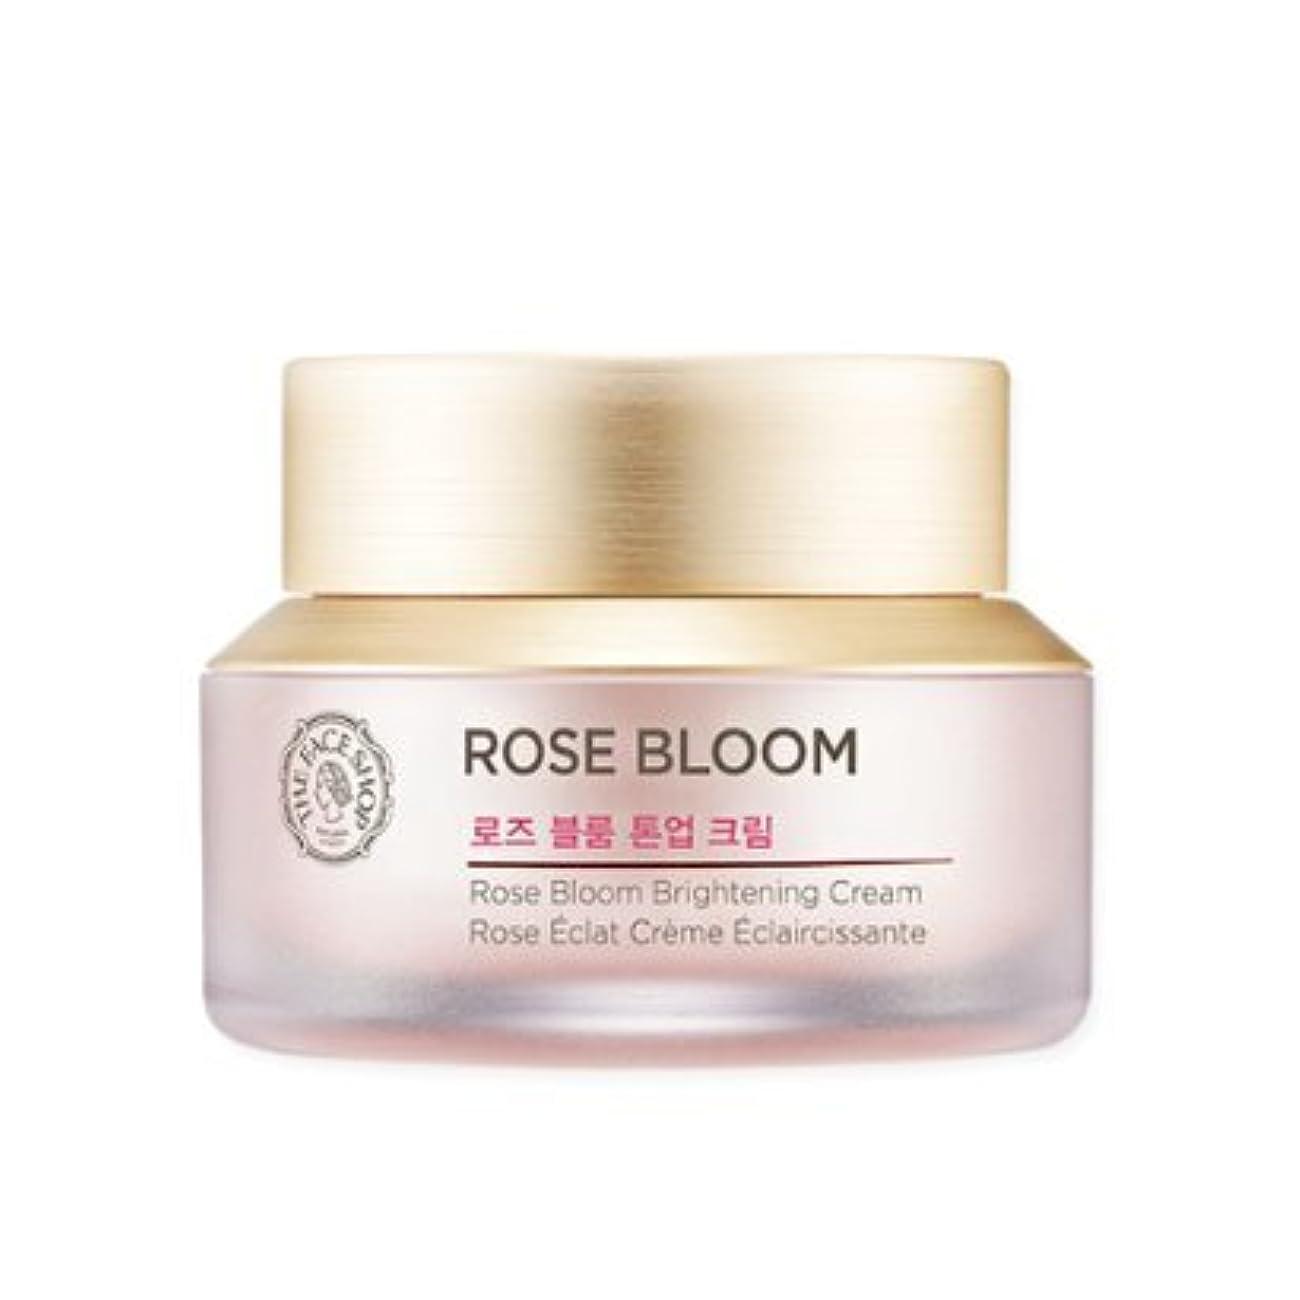 スカリー奨励くつろぐTHE FACE SHOP Rose Bloom tone-up cream ザフェイスショップ ローズブルームトン - アップクリーム [並行輸入品]